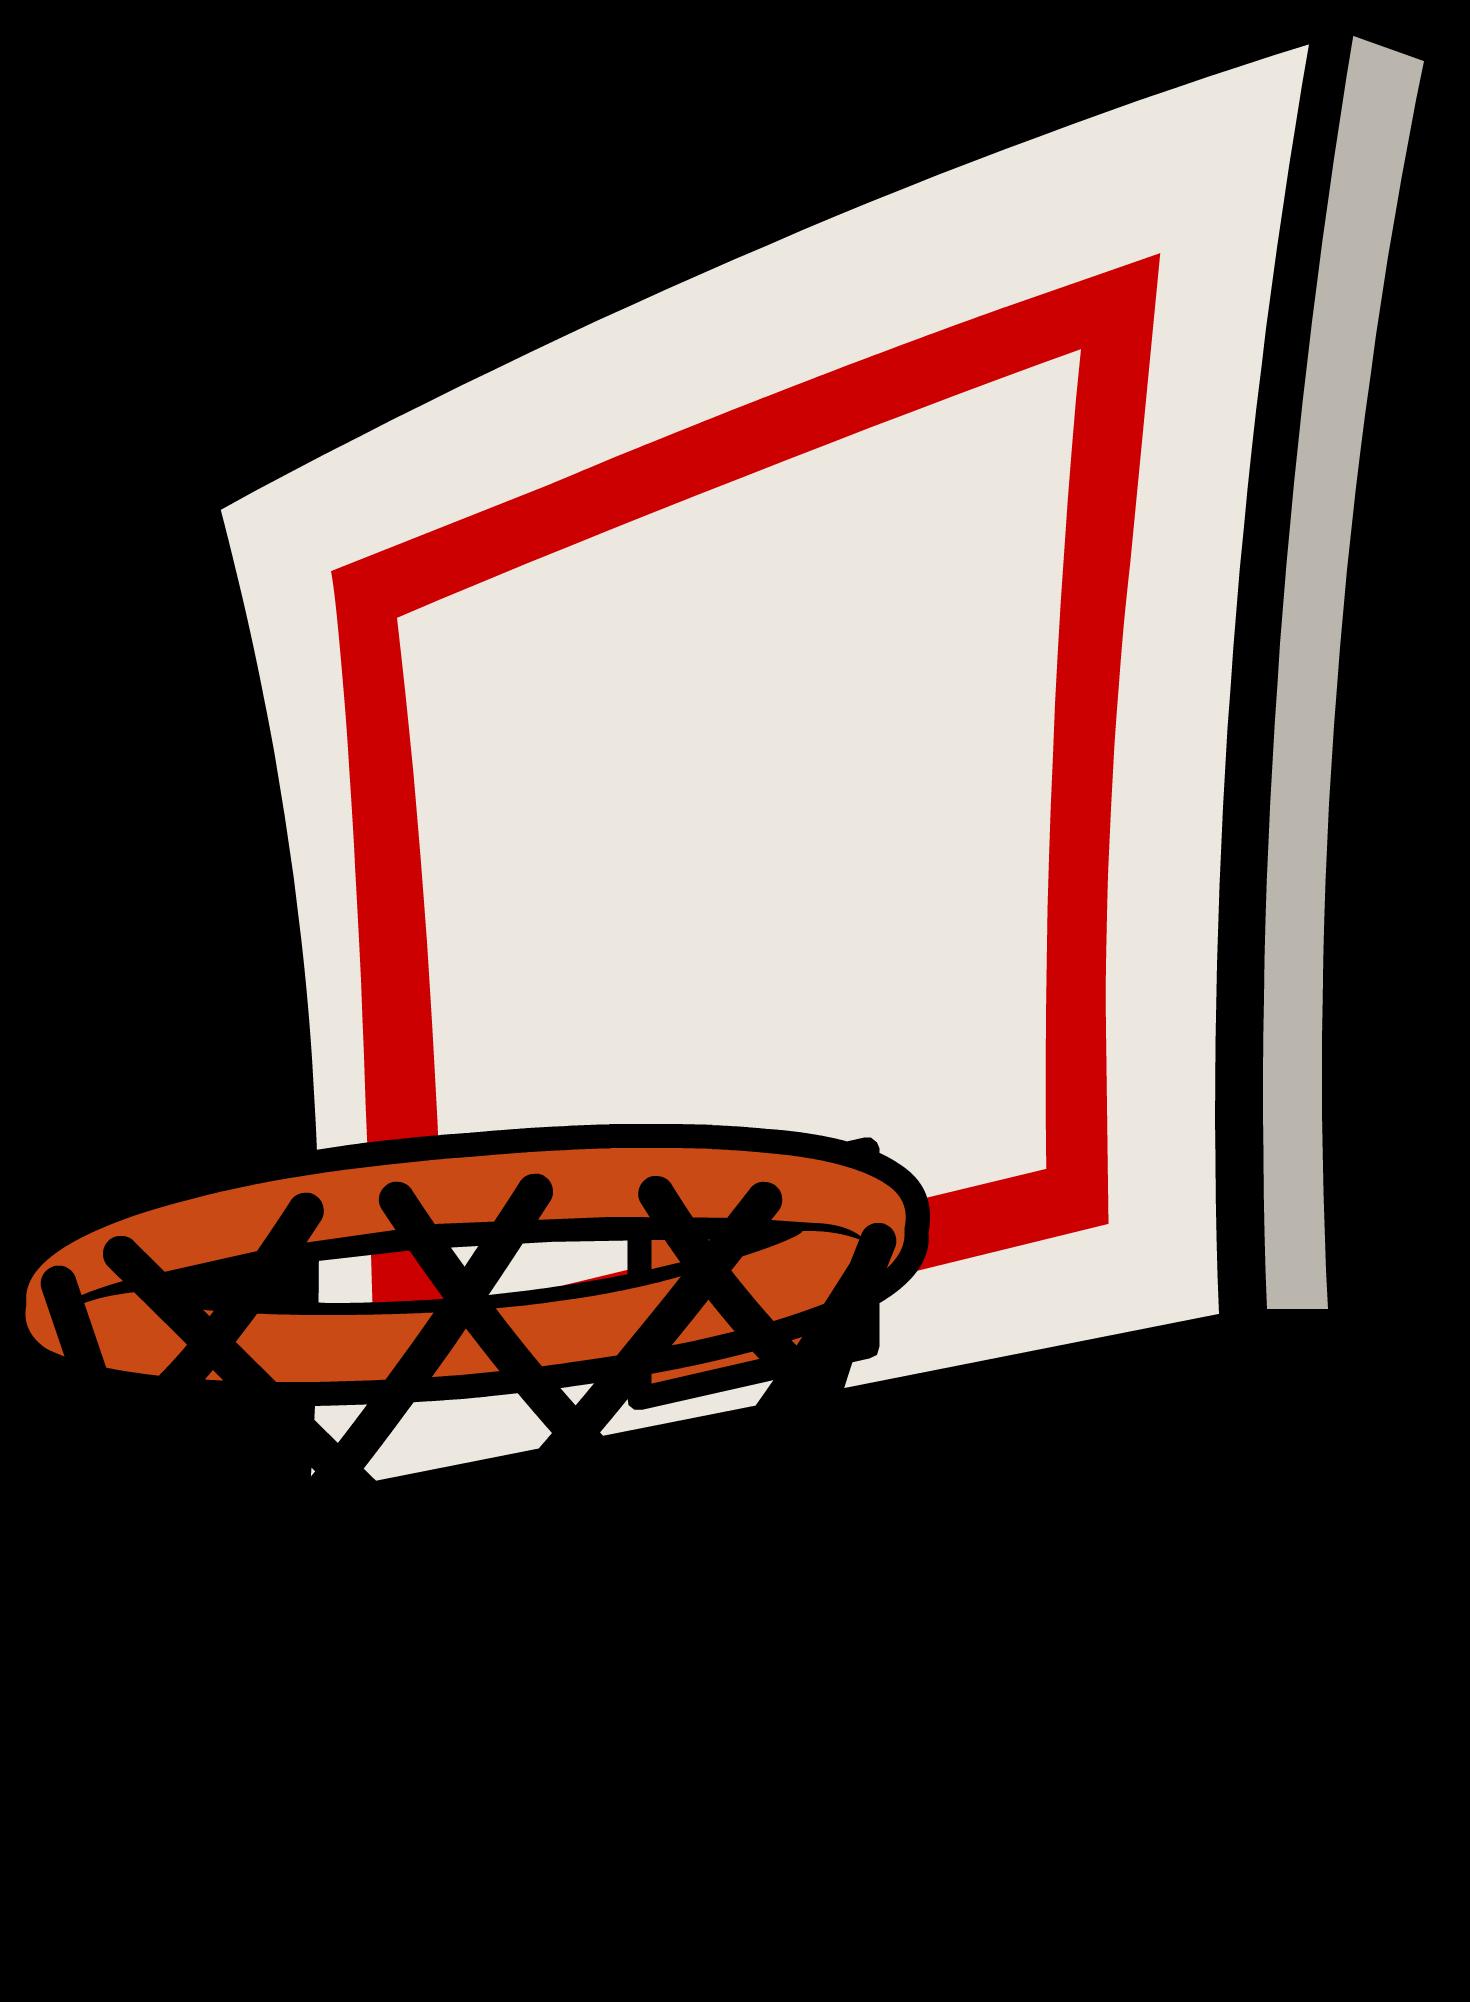 Goals clipart basket ball. Transparent basketball hoop pic